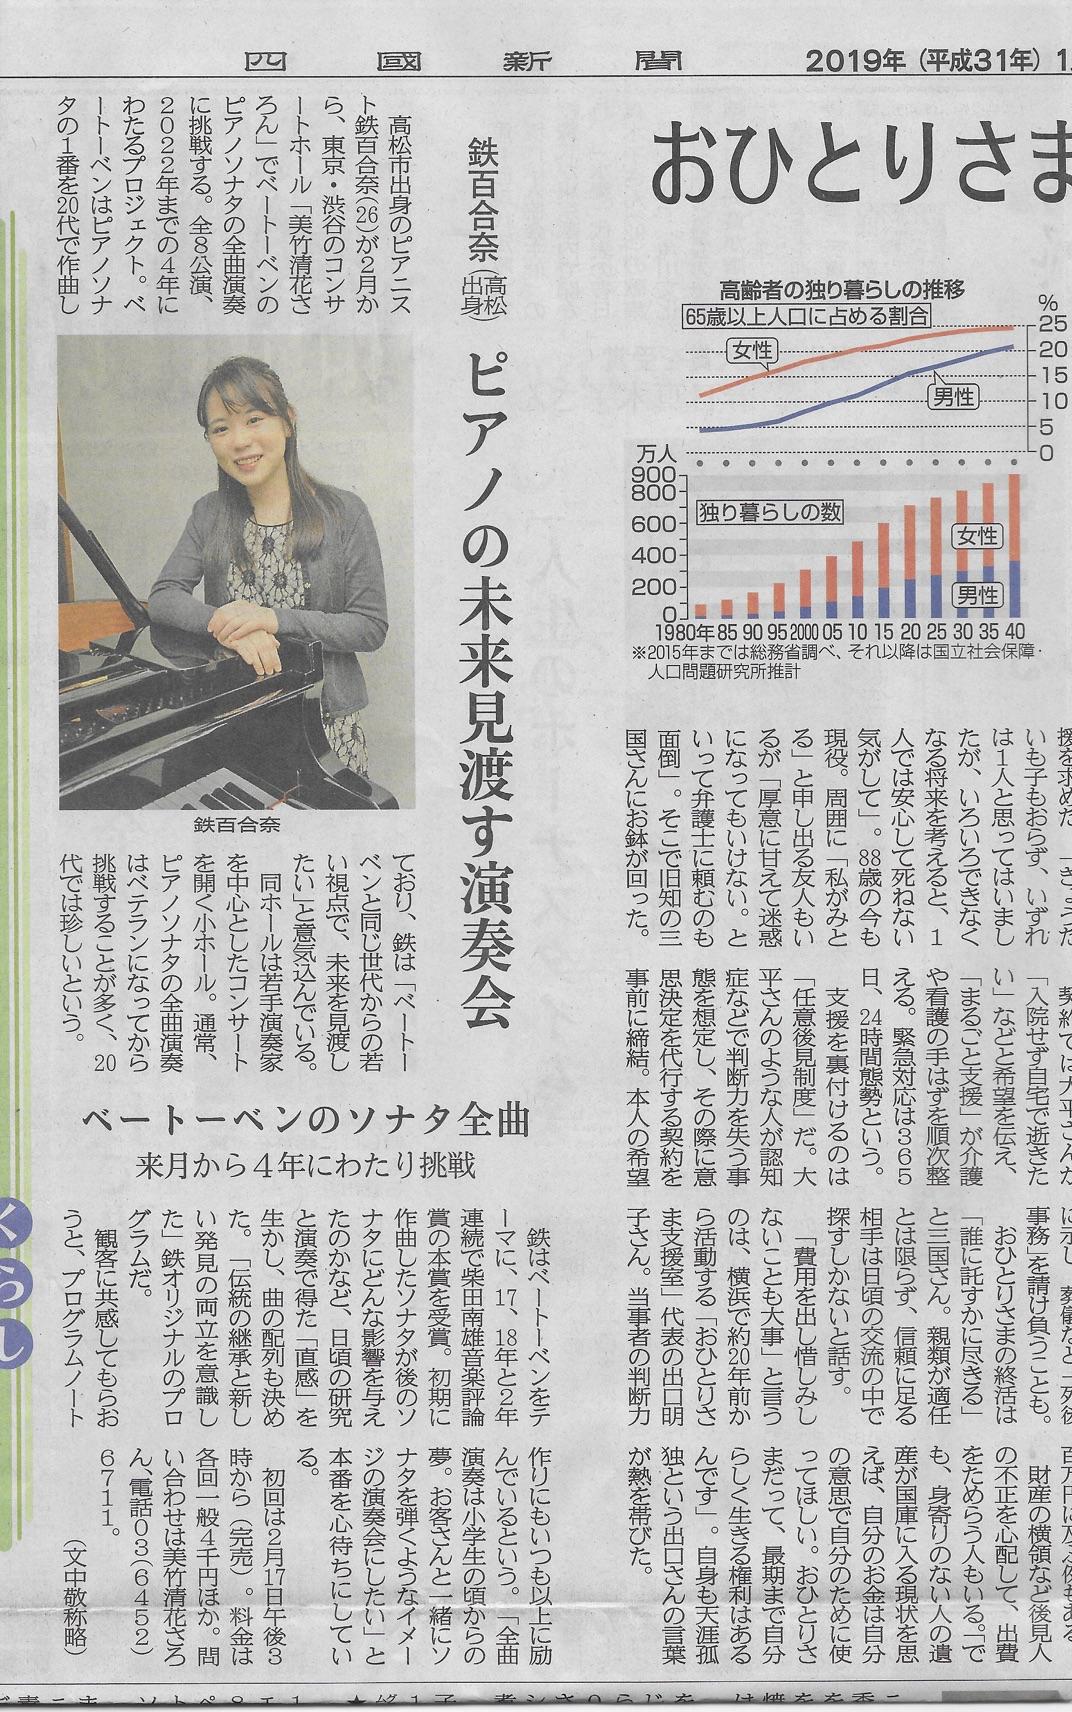 【掲載報告】四国新聞1月28日の朝刊の記事《ピアノの未来見渡す演奏会》